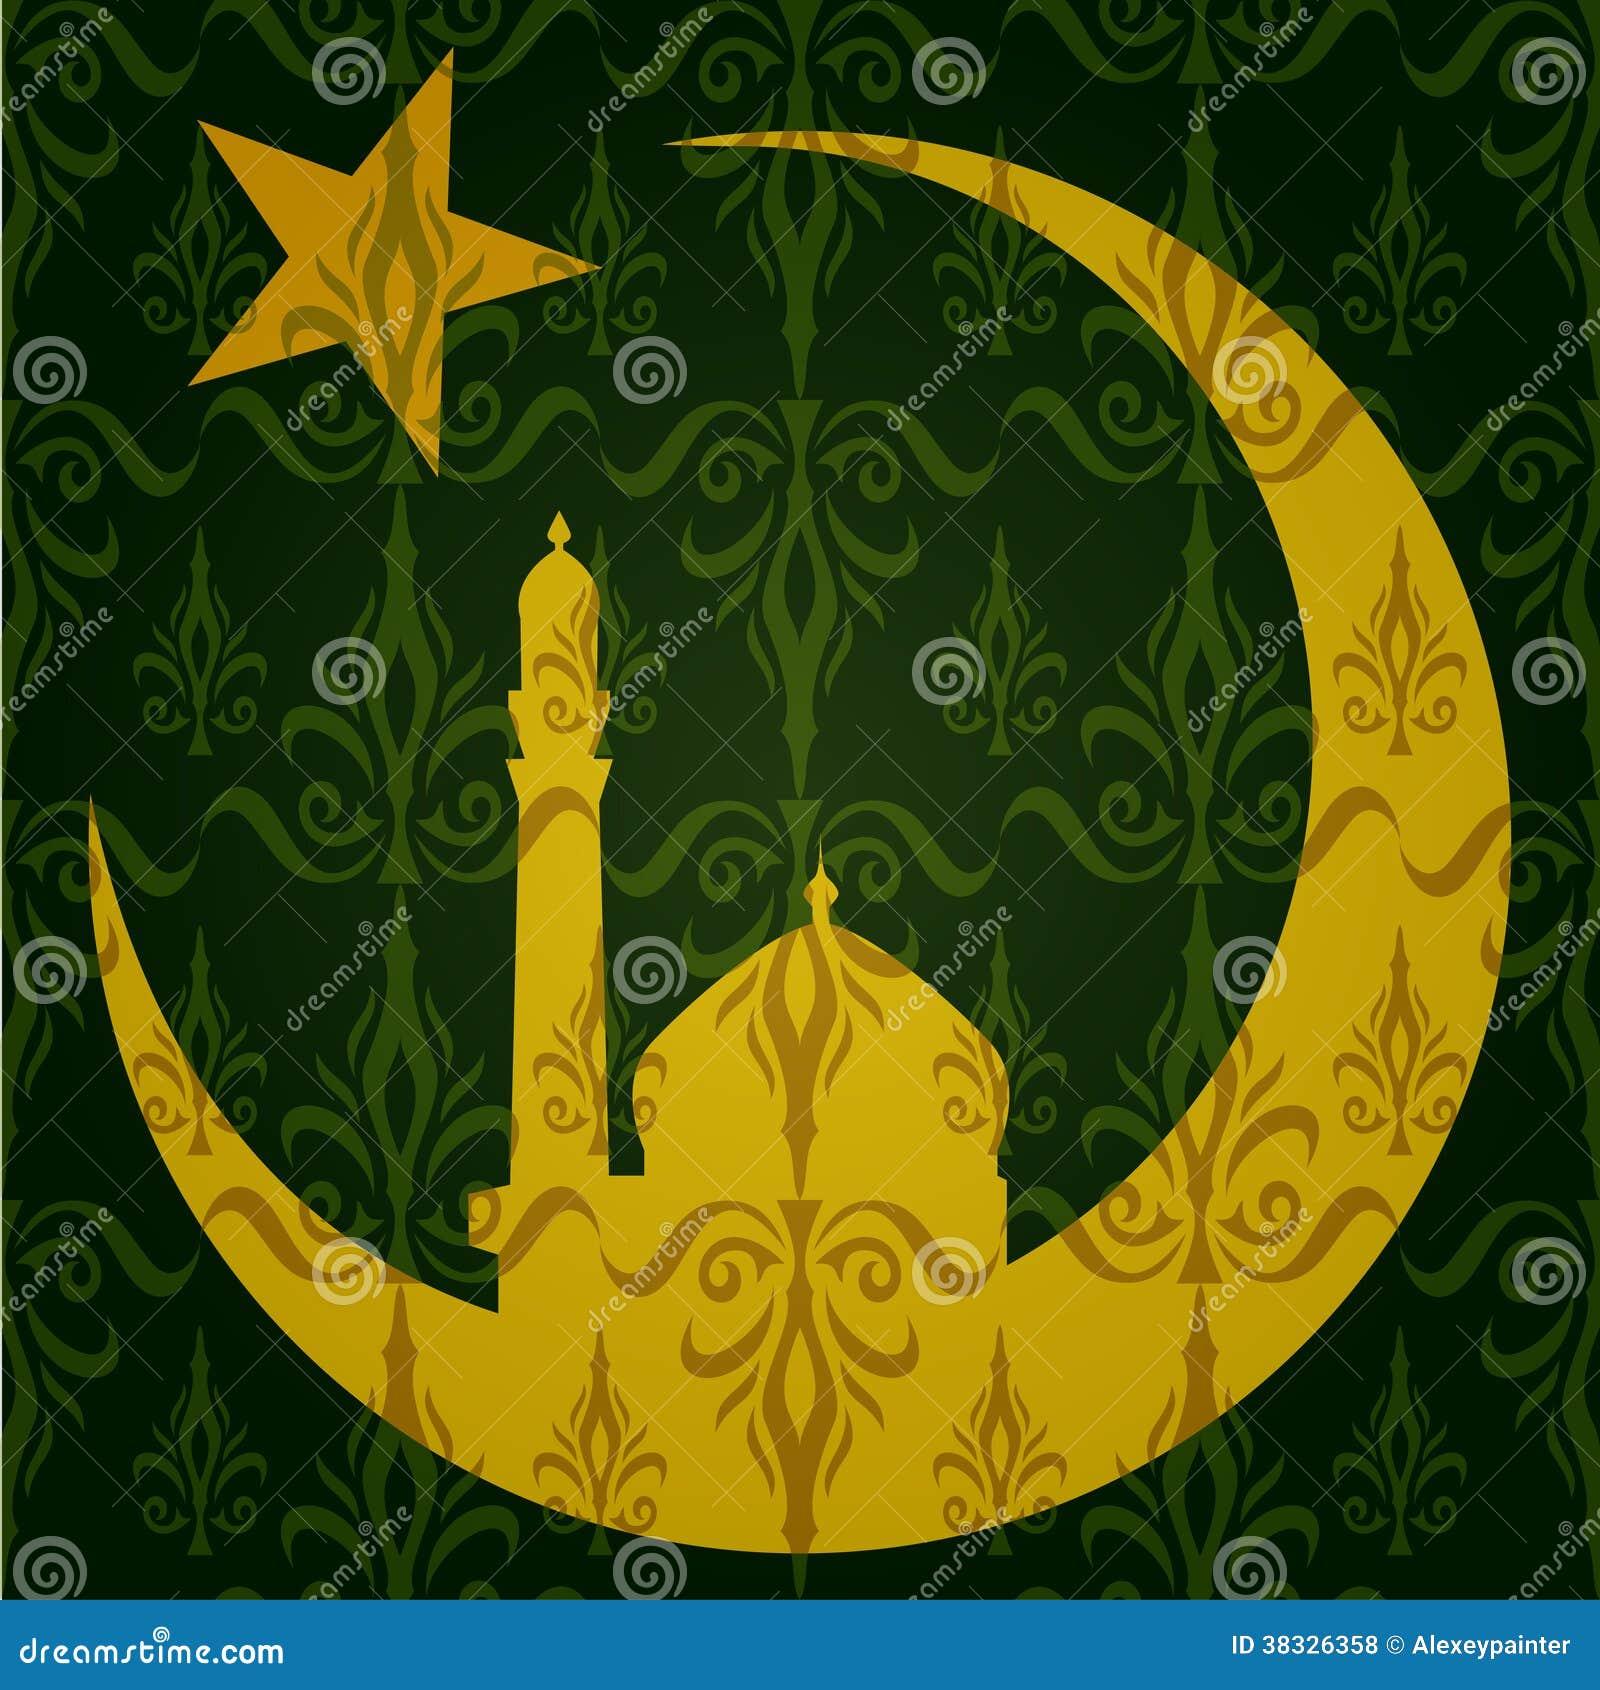 Месяц мусульманский на тату